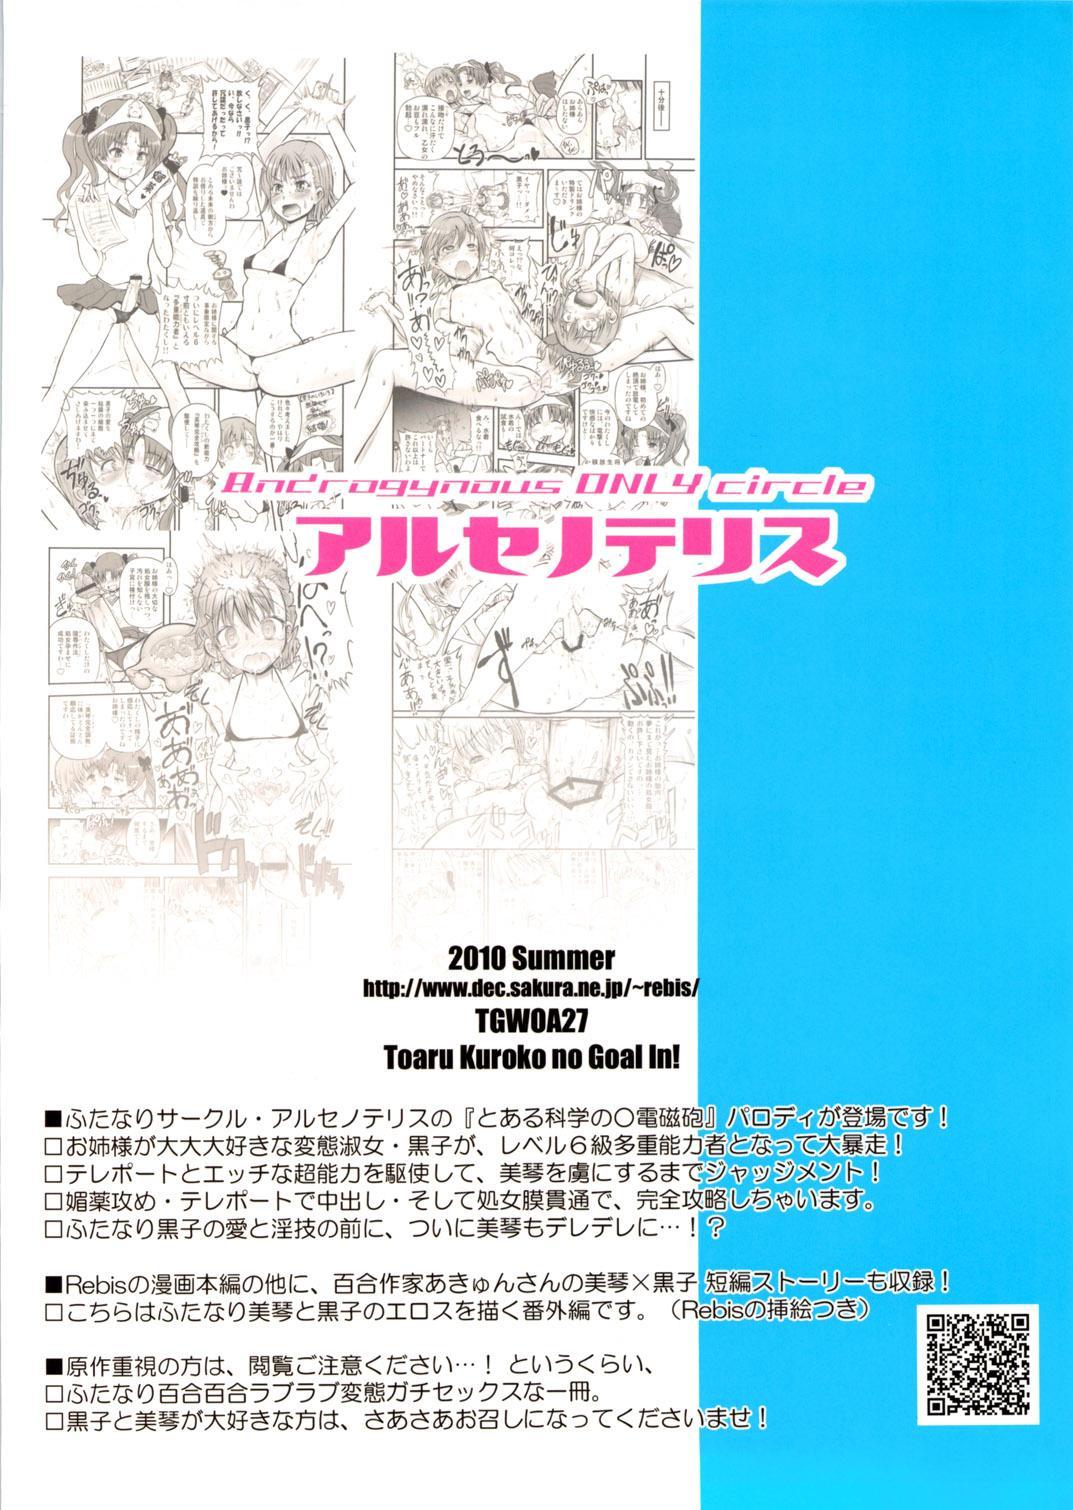 (C78) [Arsenothelus (Rebis)] Toaru Kuroko no Mikoto Kanzen Kouryaku (Toaru Kagaku no Railgun) [English] <desudesu> 29